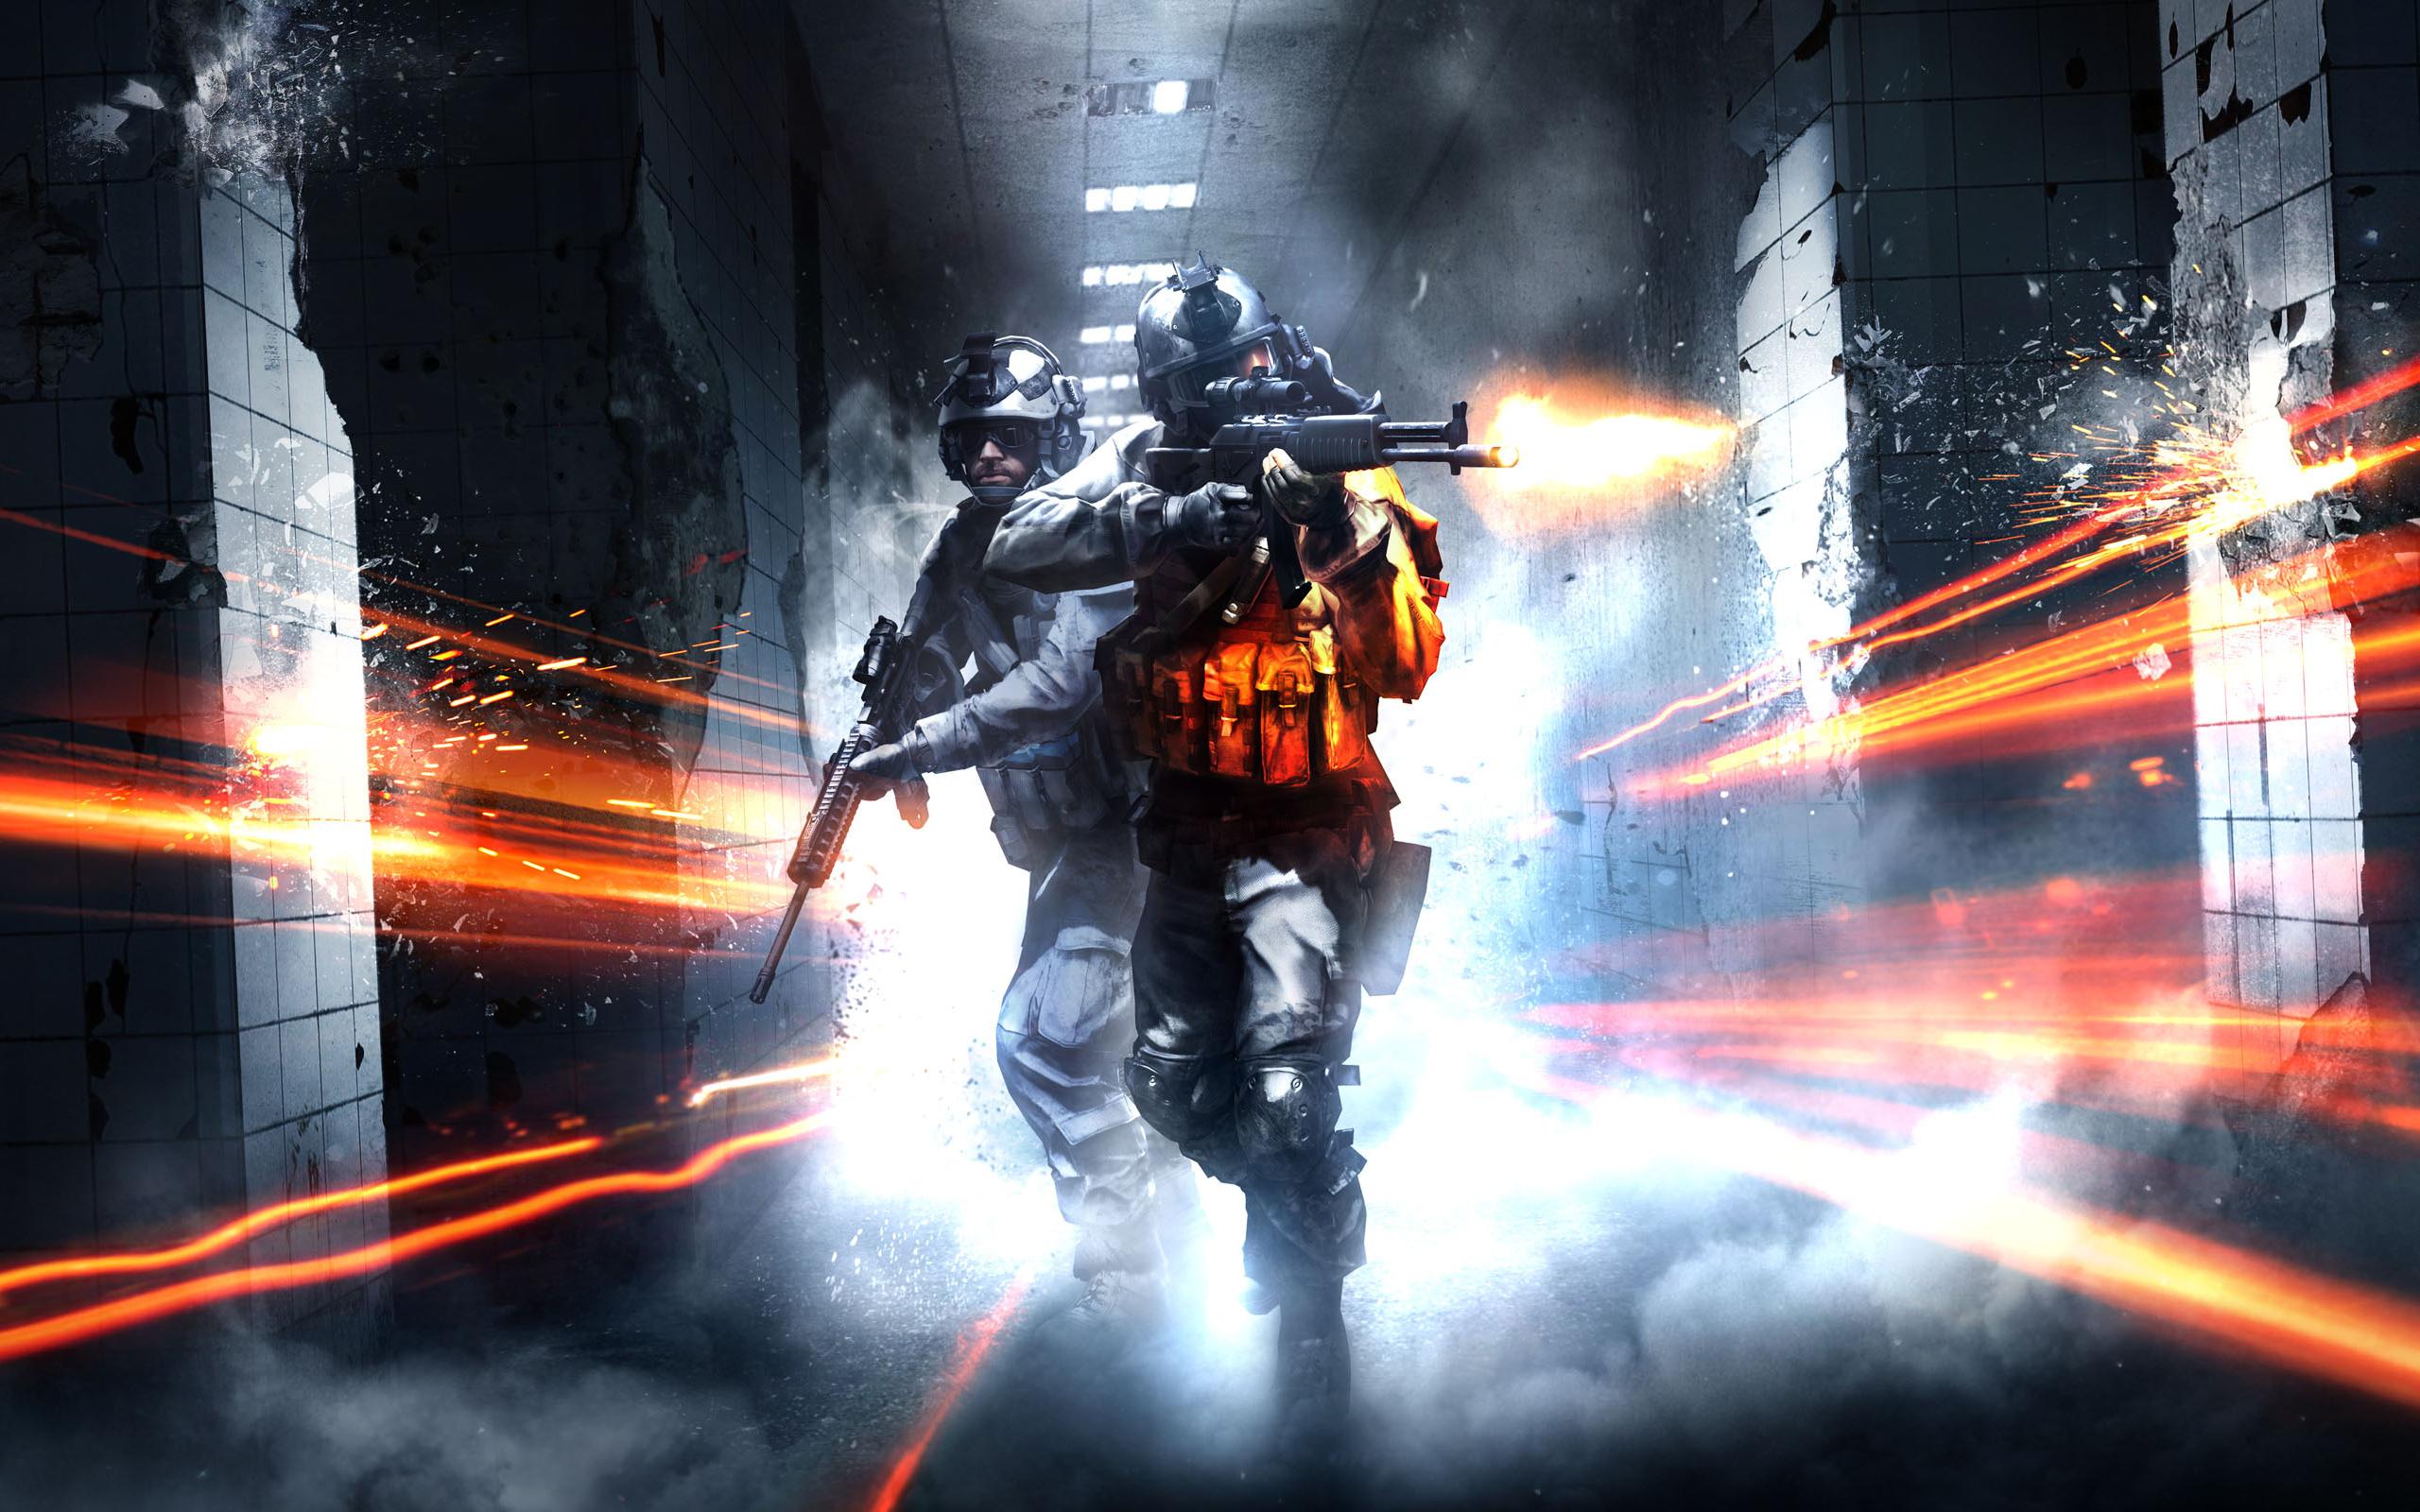 Battlefield Co Op Multiplayer Hd Wallpaper